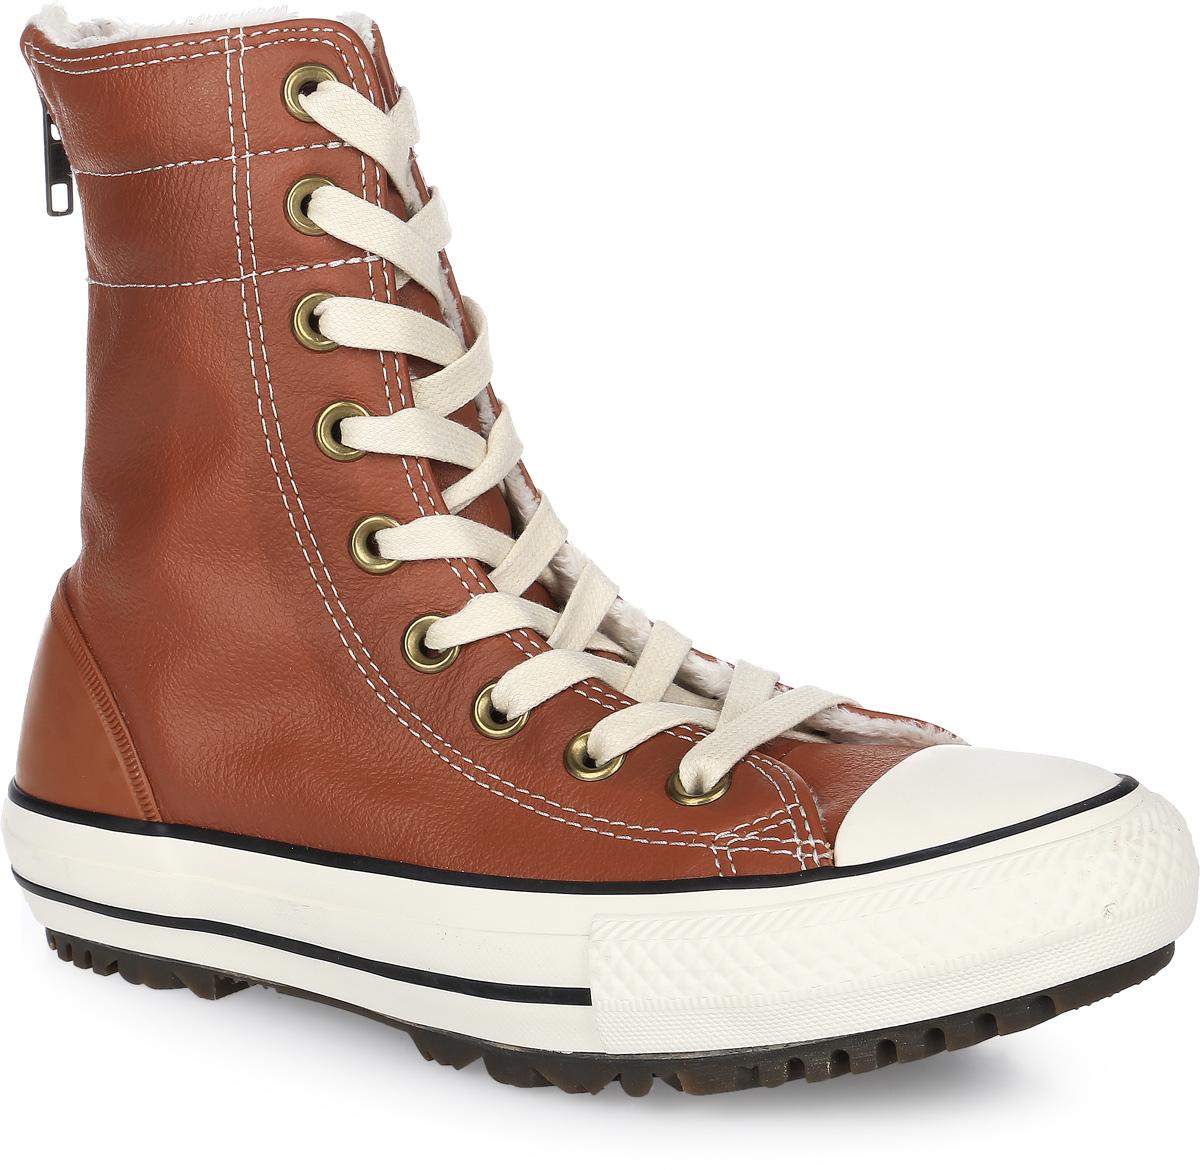 Кеды553390Кеды Converse выполнены из натуральной кожи и оформлены фирменной нашивкой. На ноге модель фиксируется с помощью шнурков и молнии, которая расположена на задней части. Задник дополнен резиновой накладкой для лучшей сохранности обуви. Внутренняя поверхность и стелька выполнены из искусственного меха, который обеспечит тепло и комфорт. Подошва изготовлена из высококачественной резины и дополнена протектором, который гарантирует отличное сцепление с любой поверхностью.